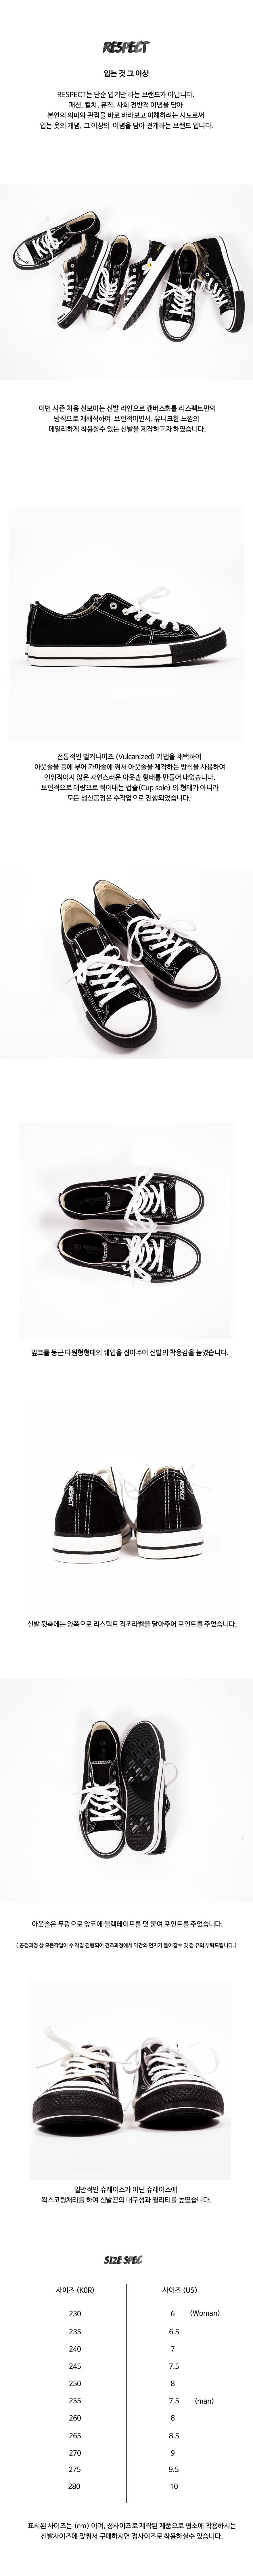 리스펙트(RESPECT) 디펜더 캔버스화 신발